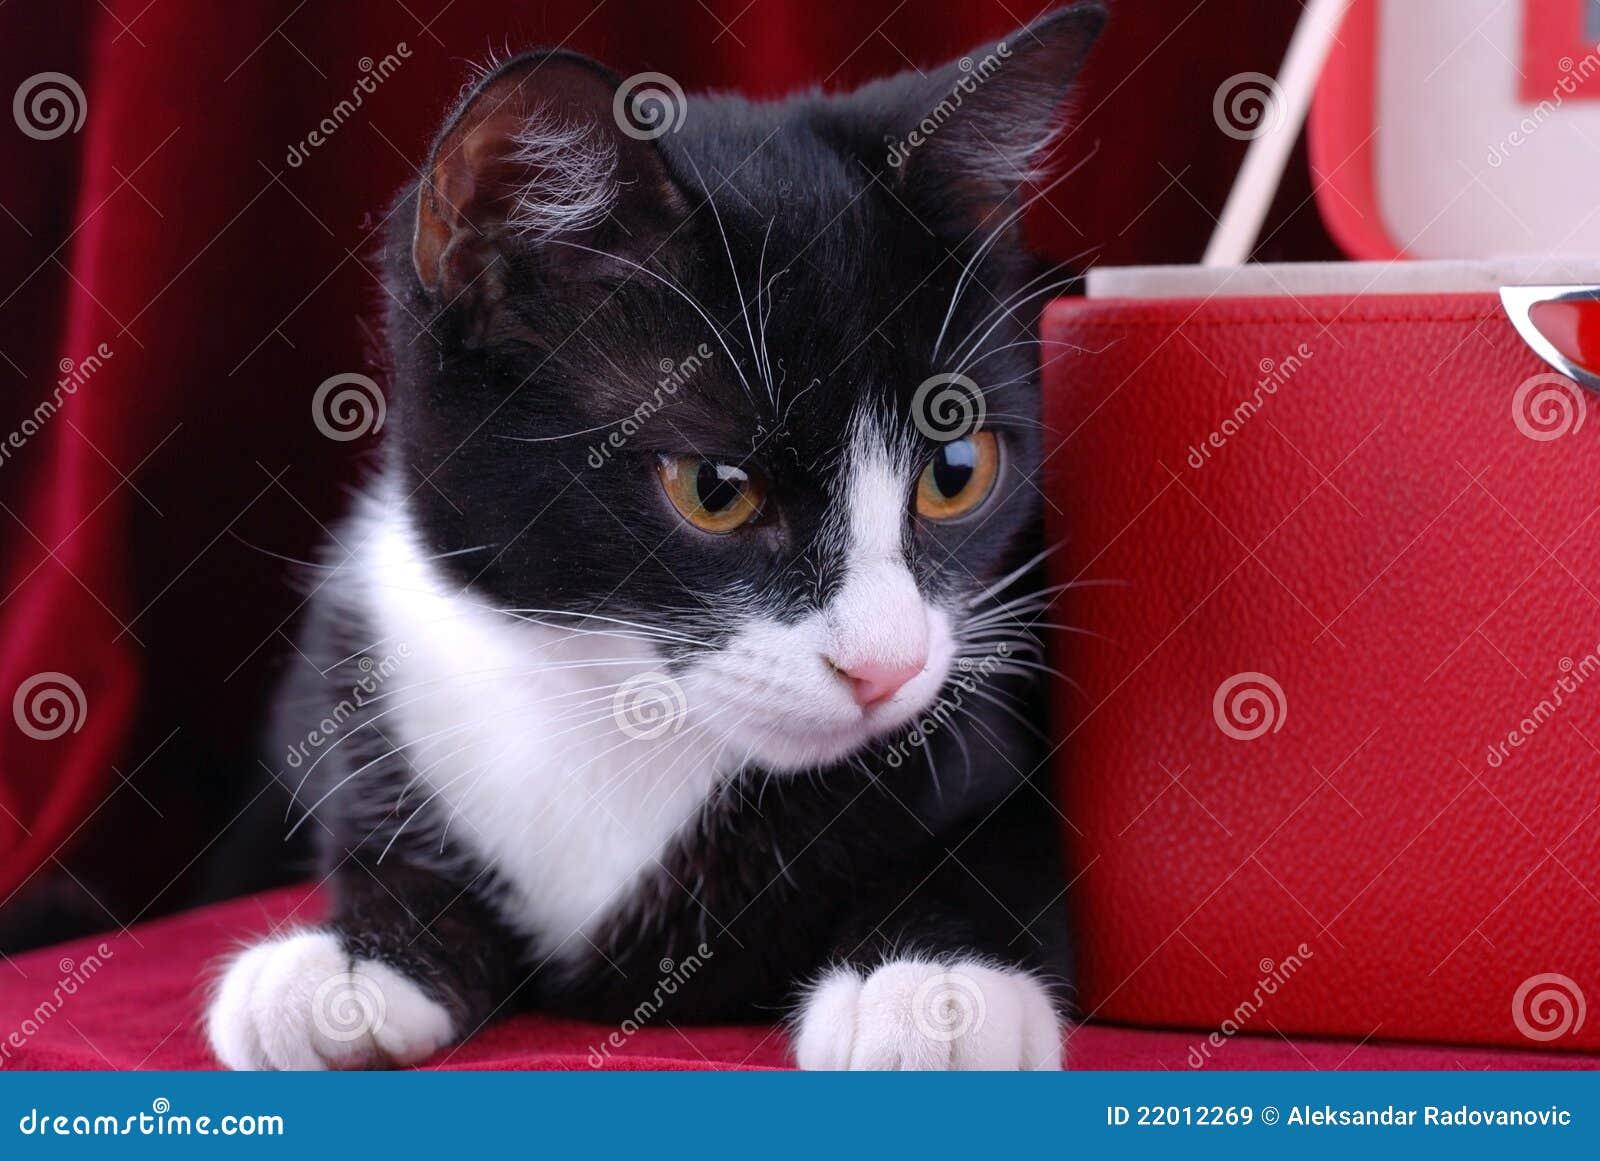 Gato preto e branco imagem de stock. Imagem de pouco